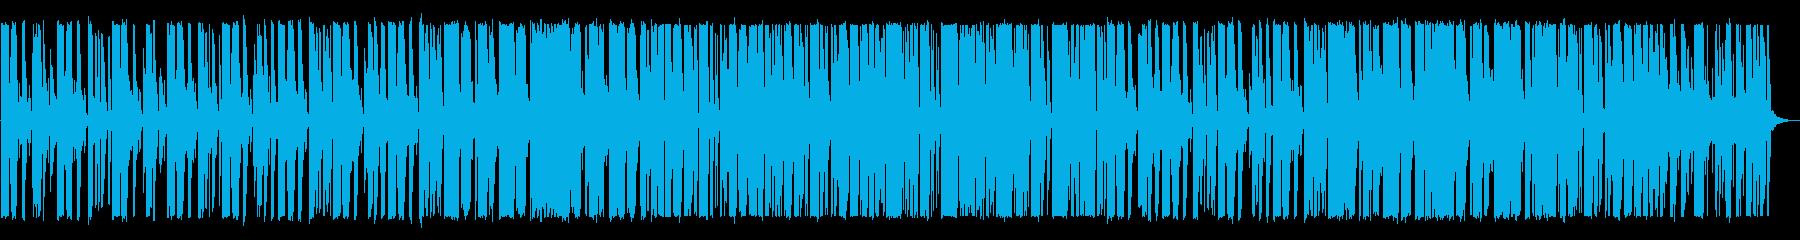 KANT抽象的/アシッド/エレクトロの再生済みの波形